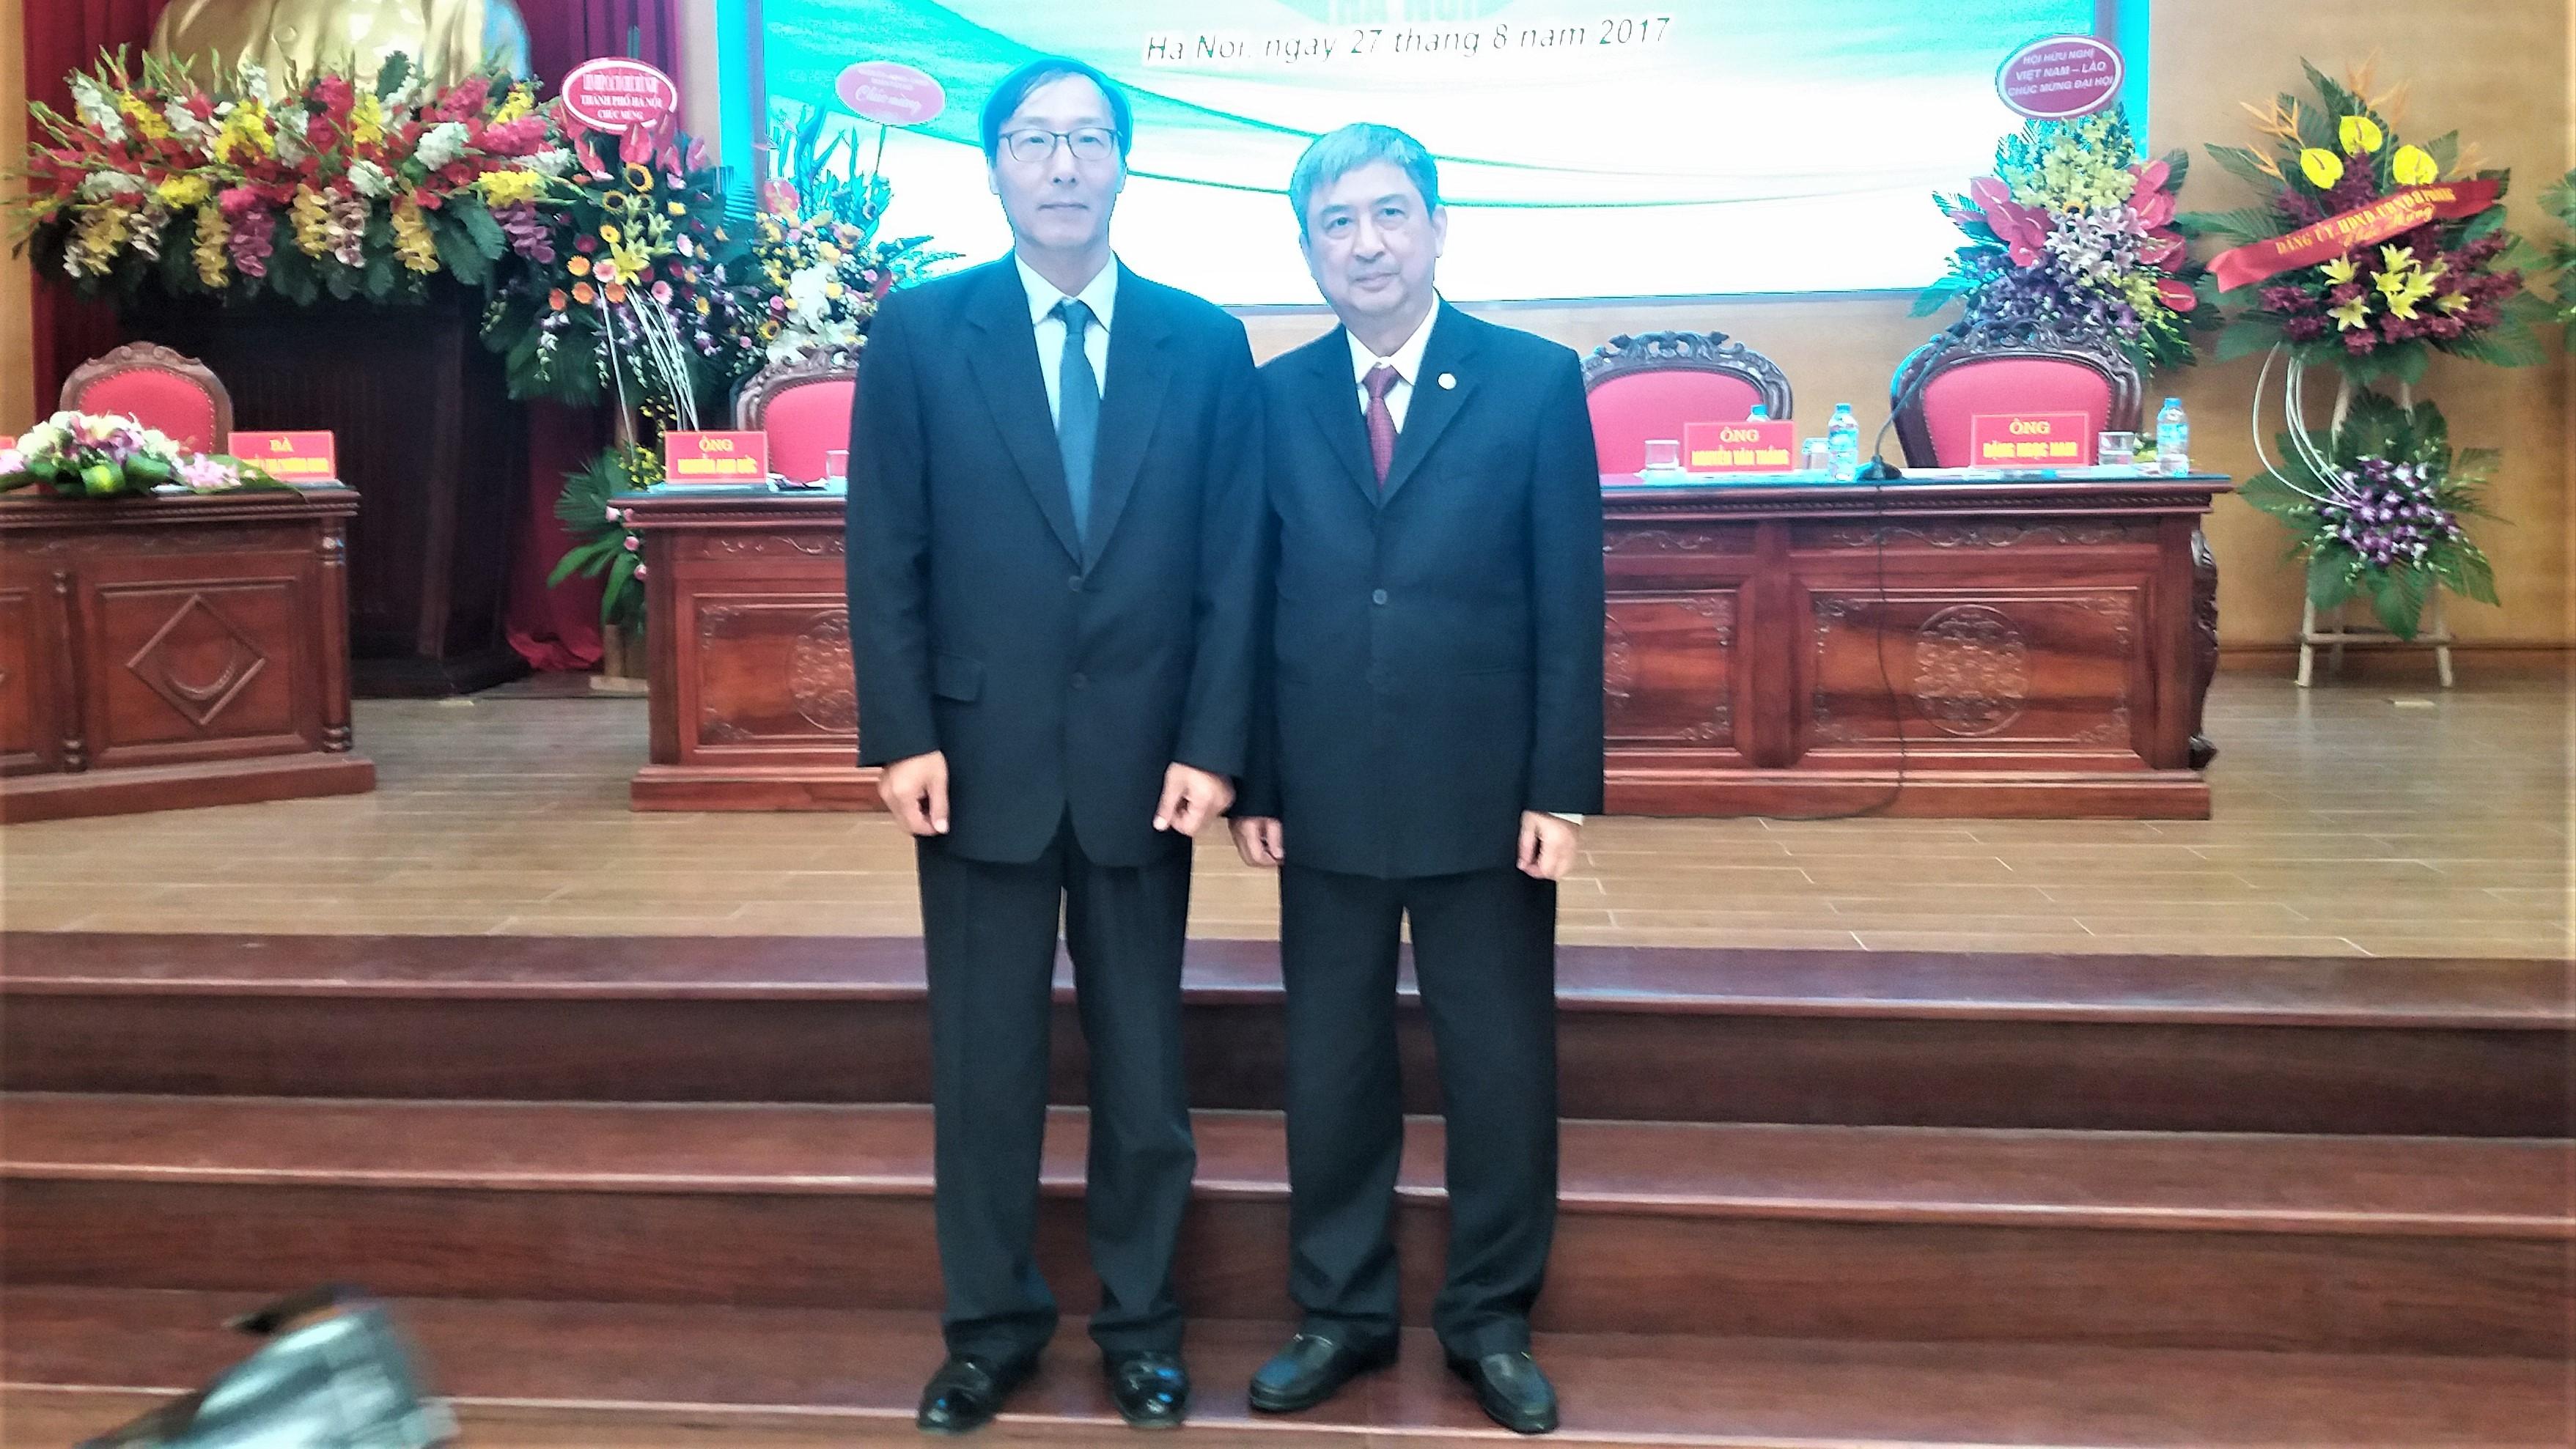 Tập đoàn Y dược Việt Nam tham dự đại hội hữu nghị Việt Nam – Hàn Quốc thành phố hà nội lần thứ v